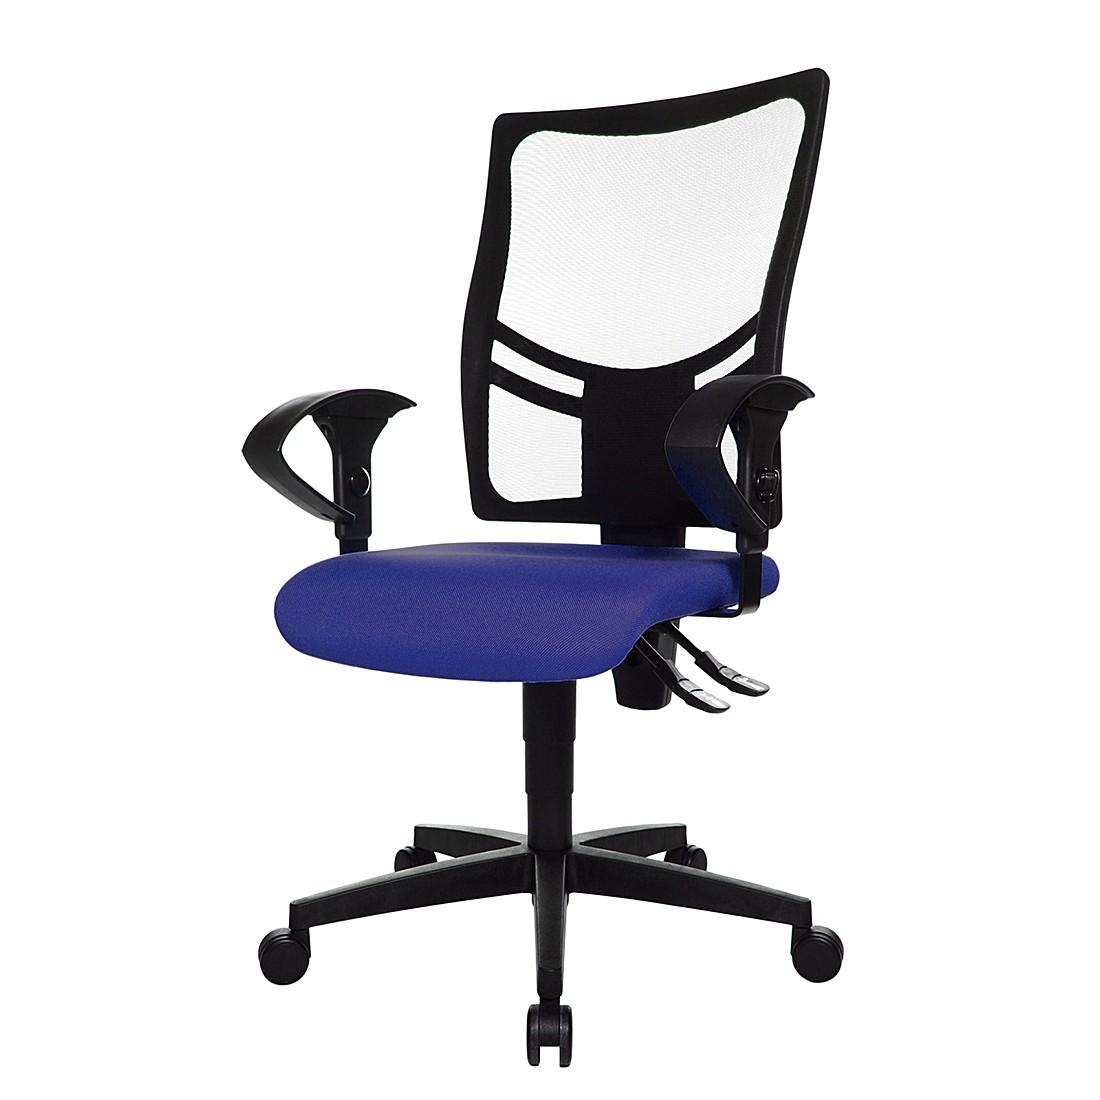 Bürodrehstuhl Net Point 10 - Mit Armlehnen - Schwarz / Blau, Topstar